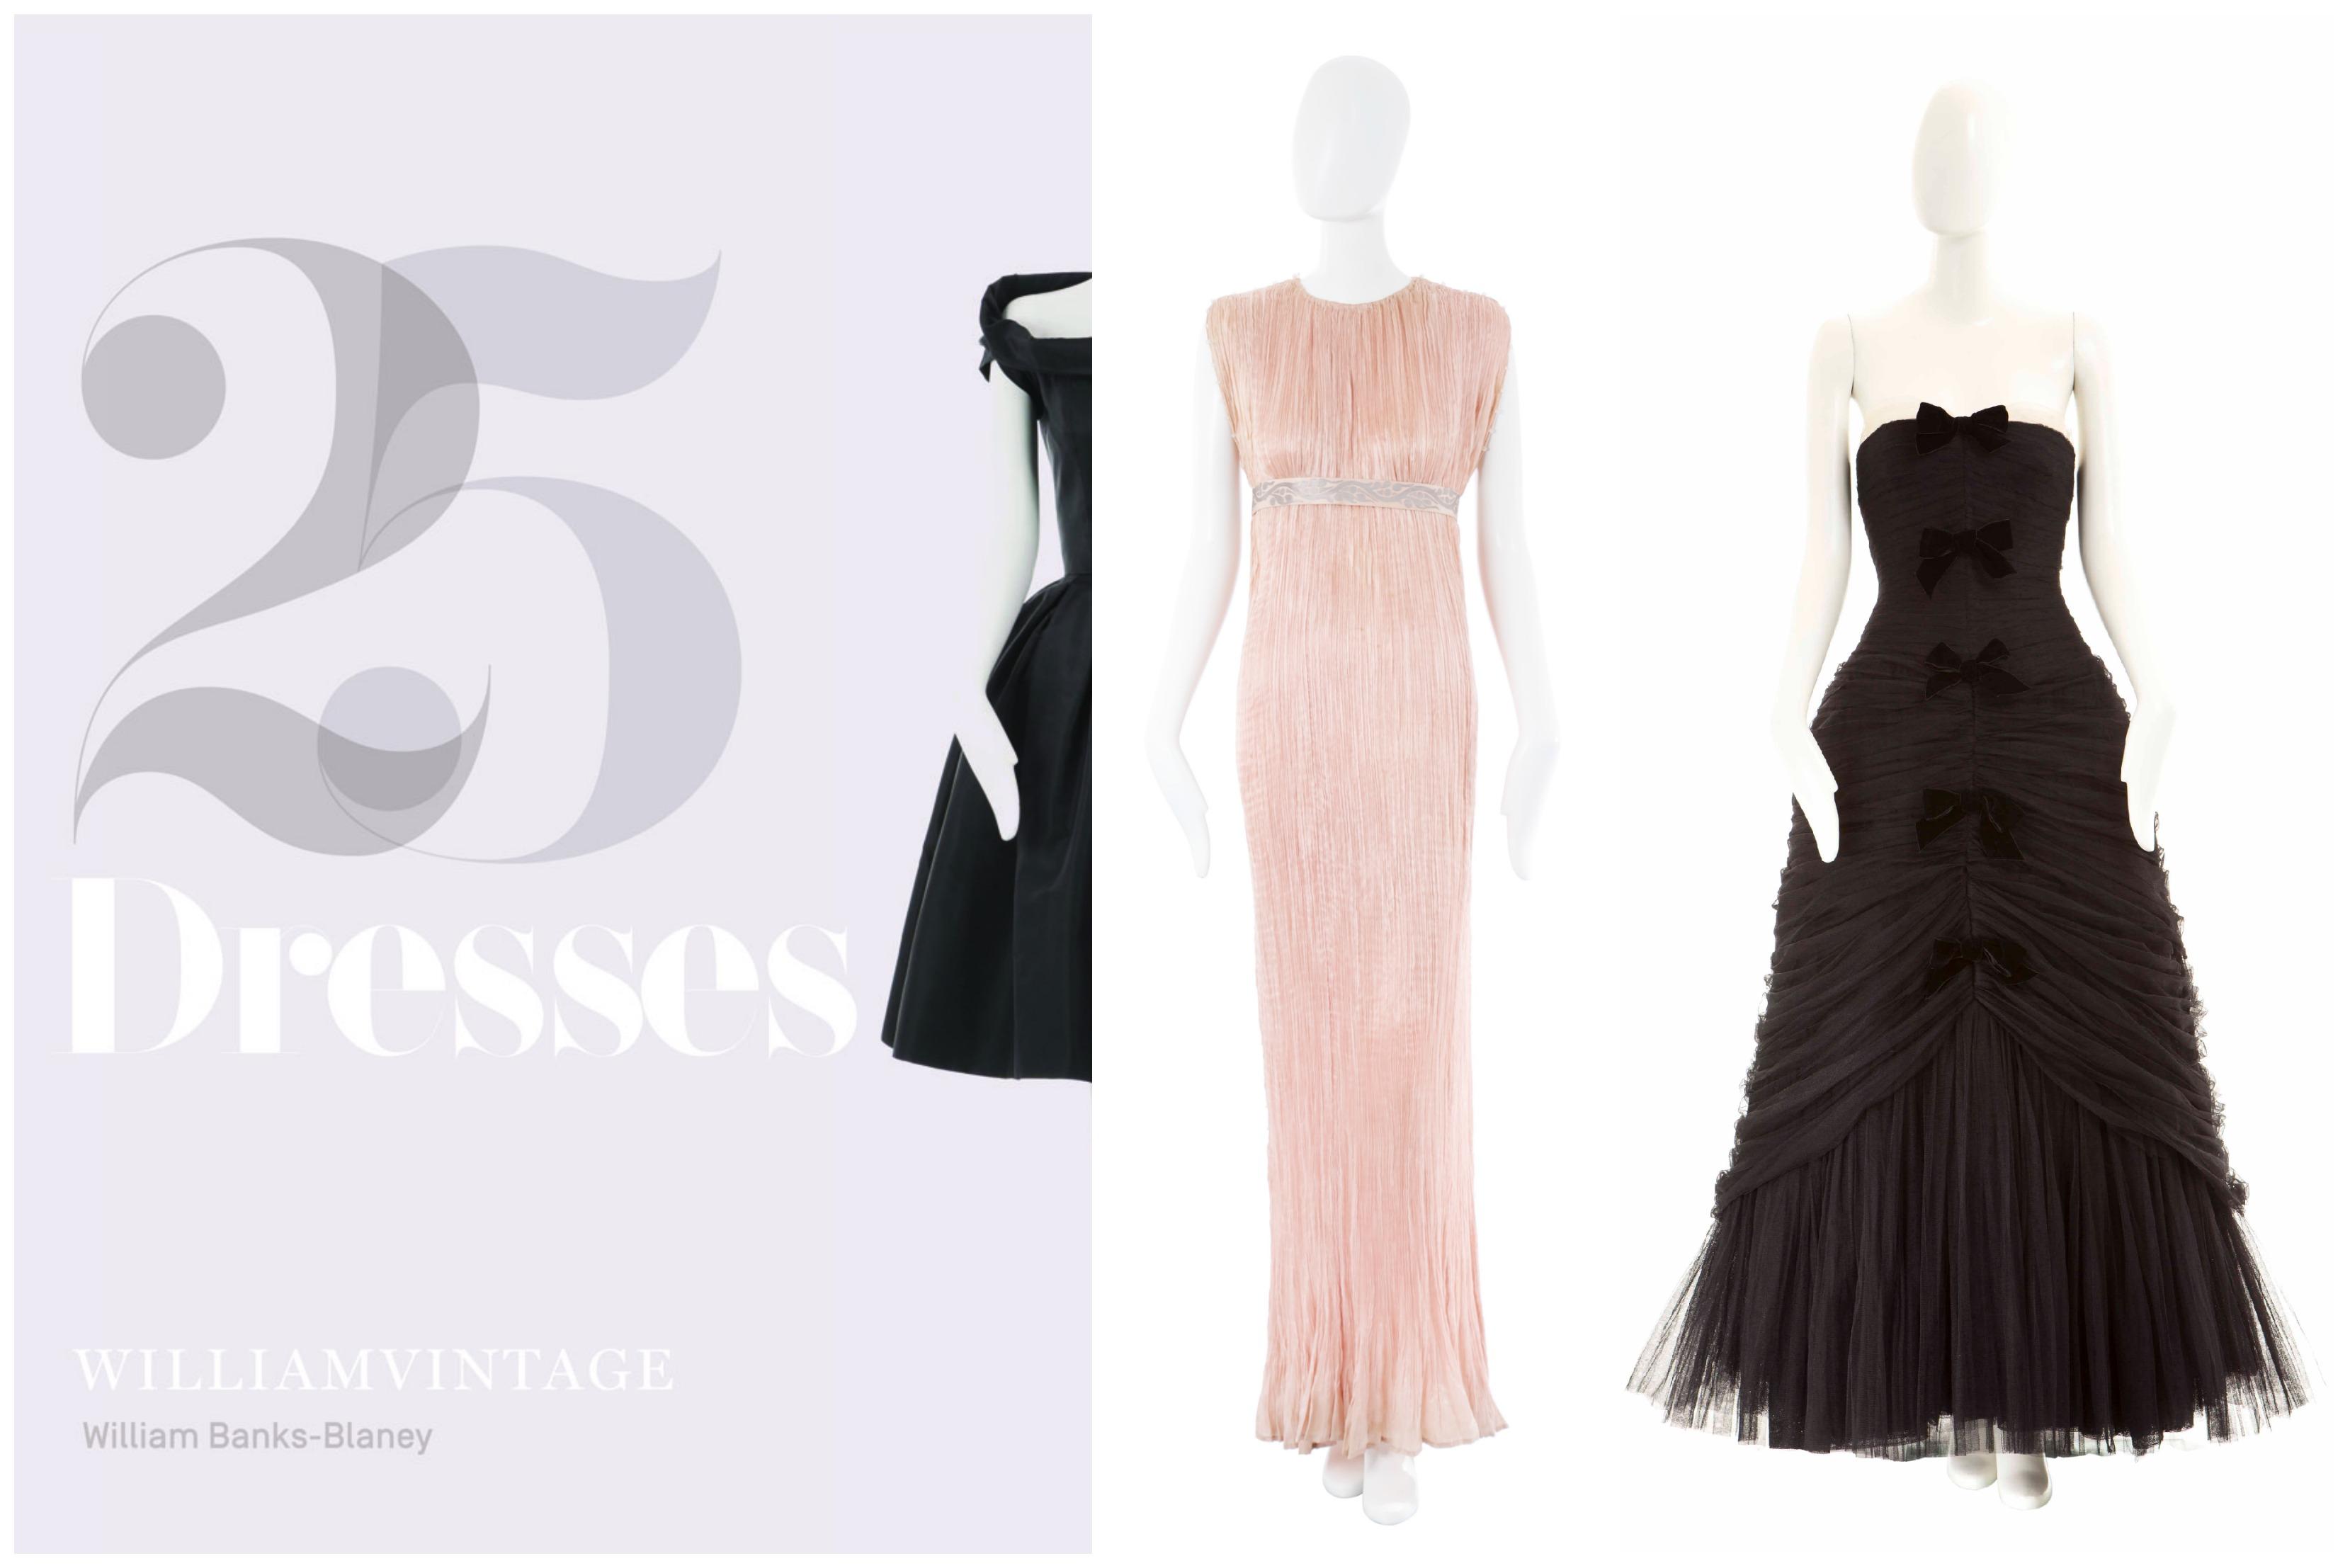 25 Dresses 1